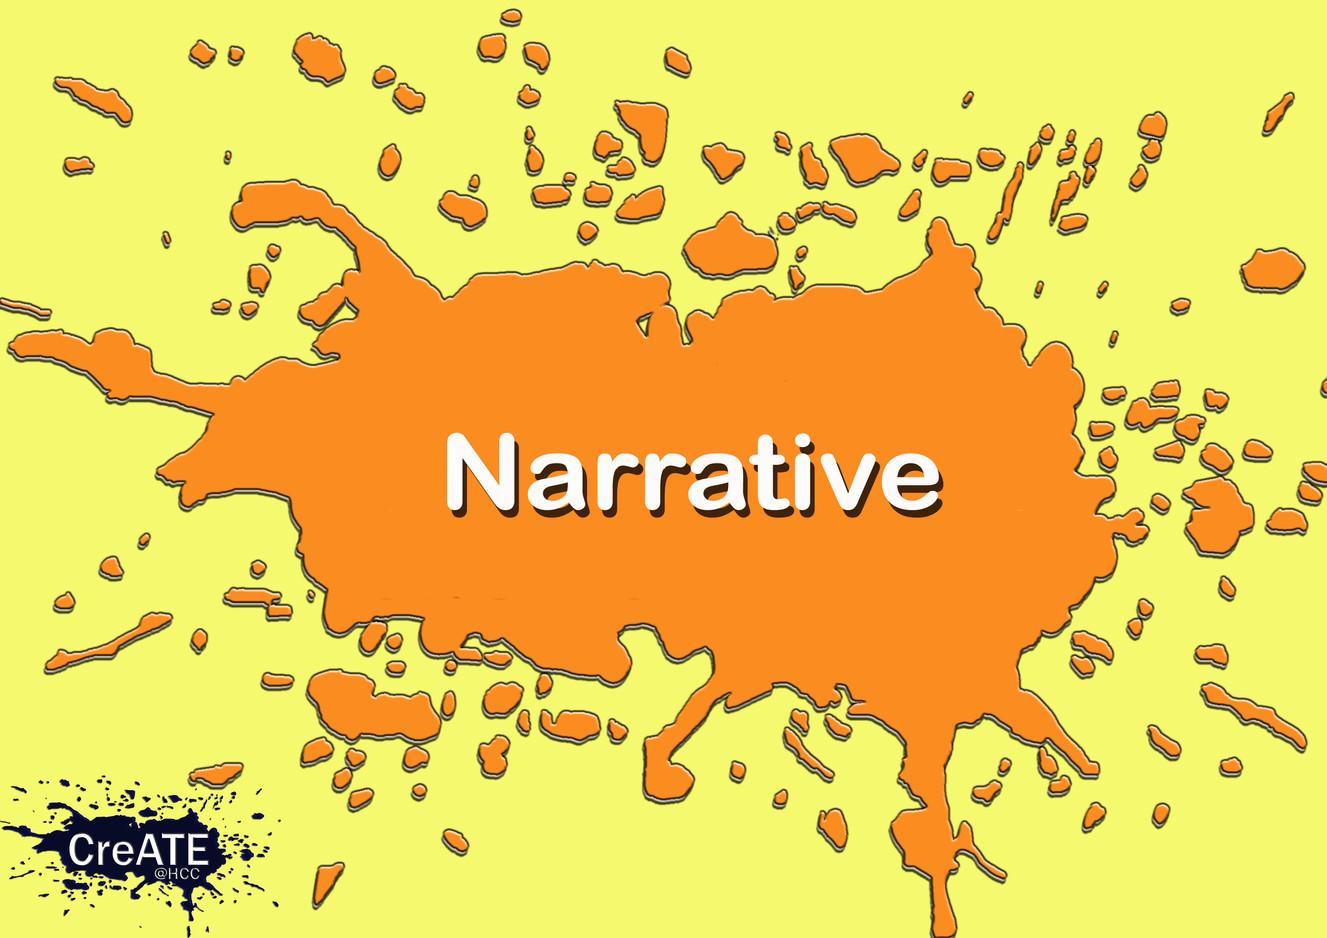 Narrative Category